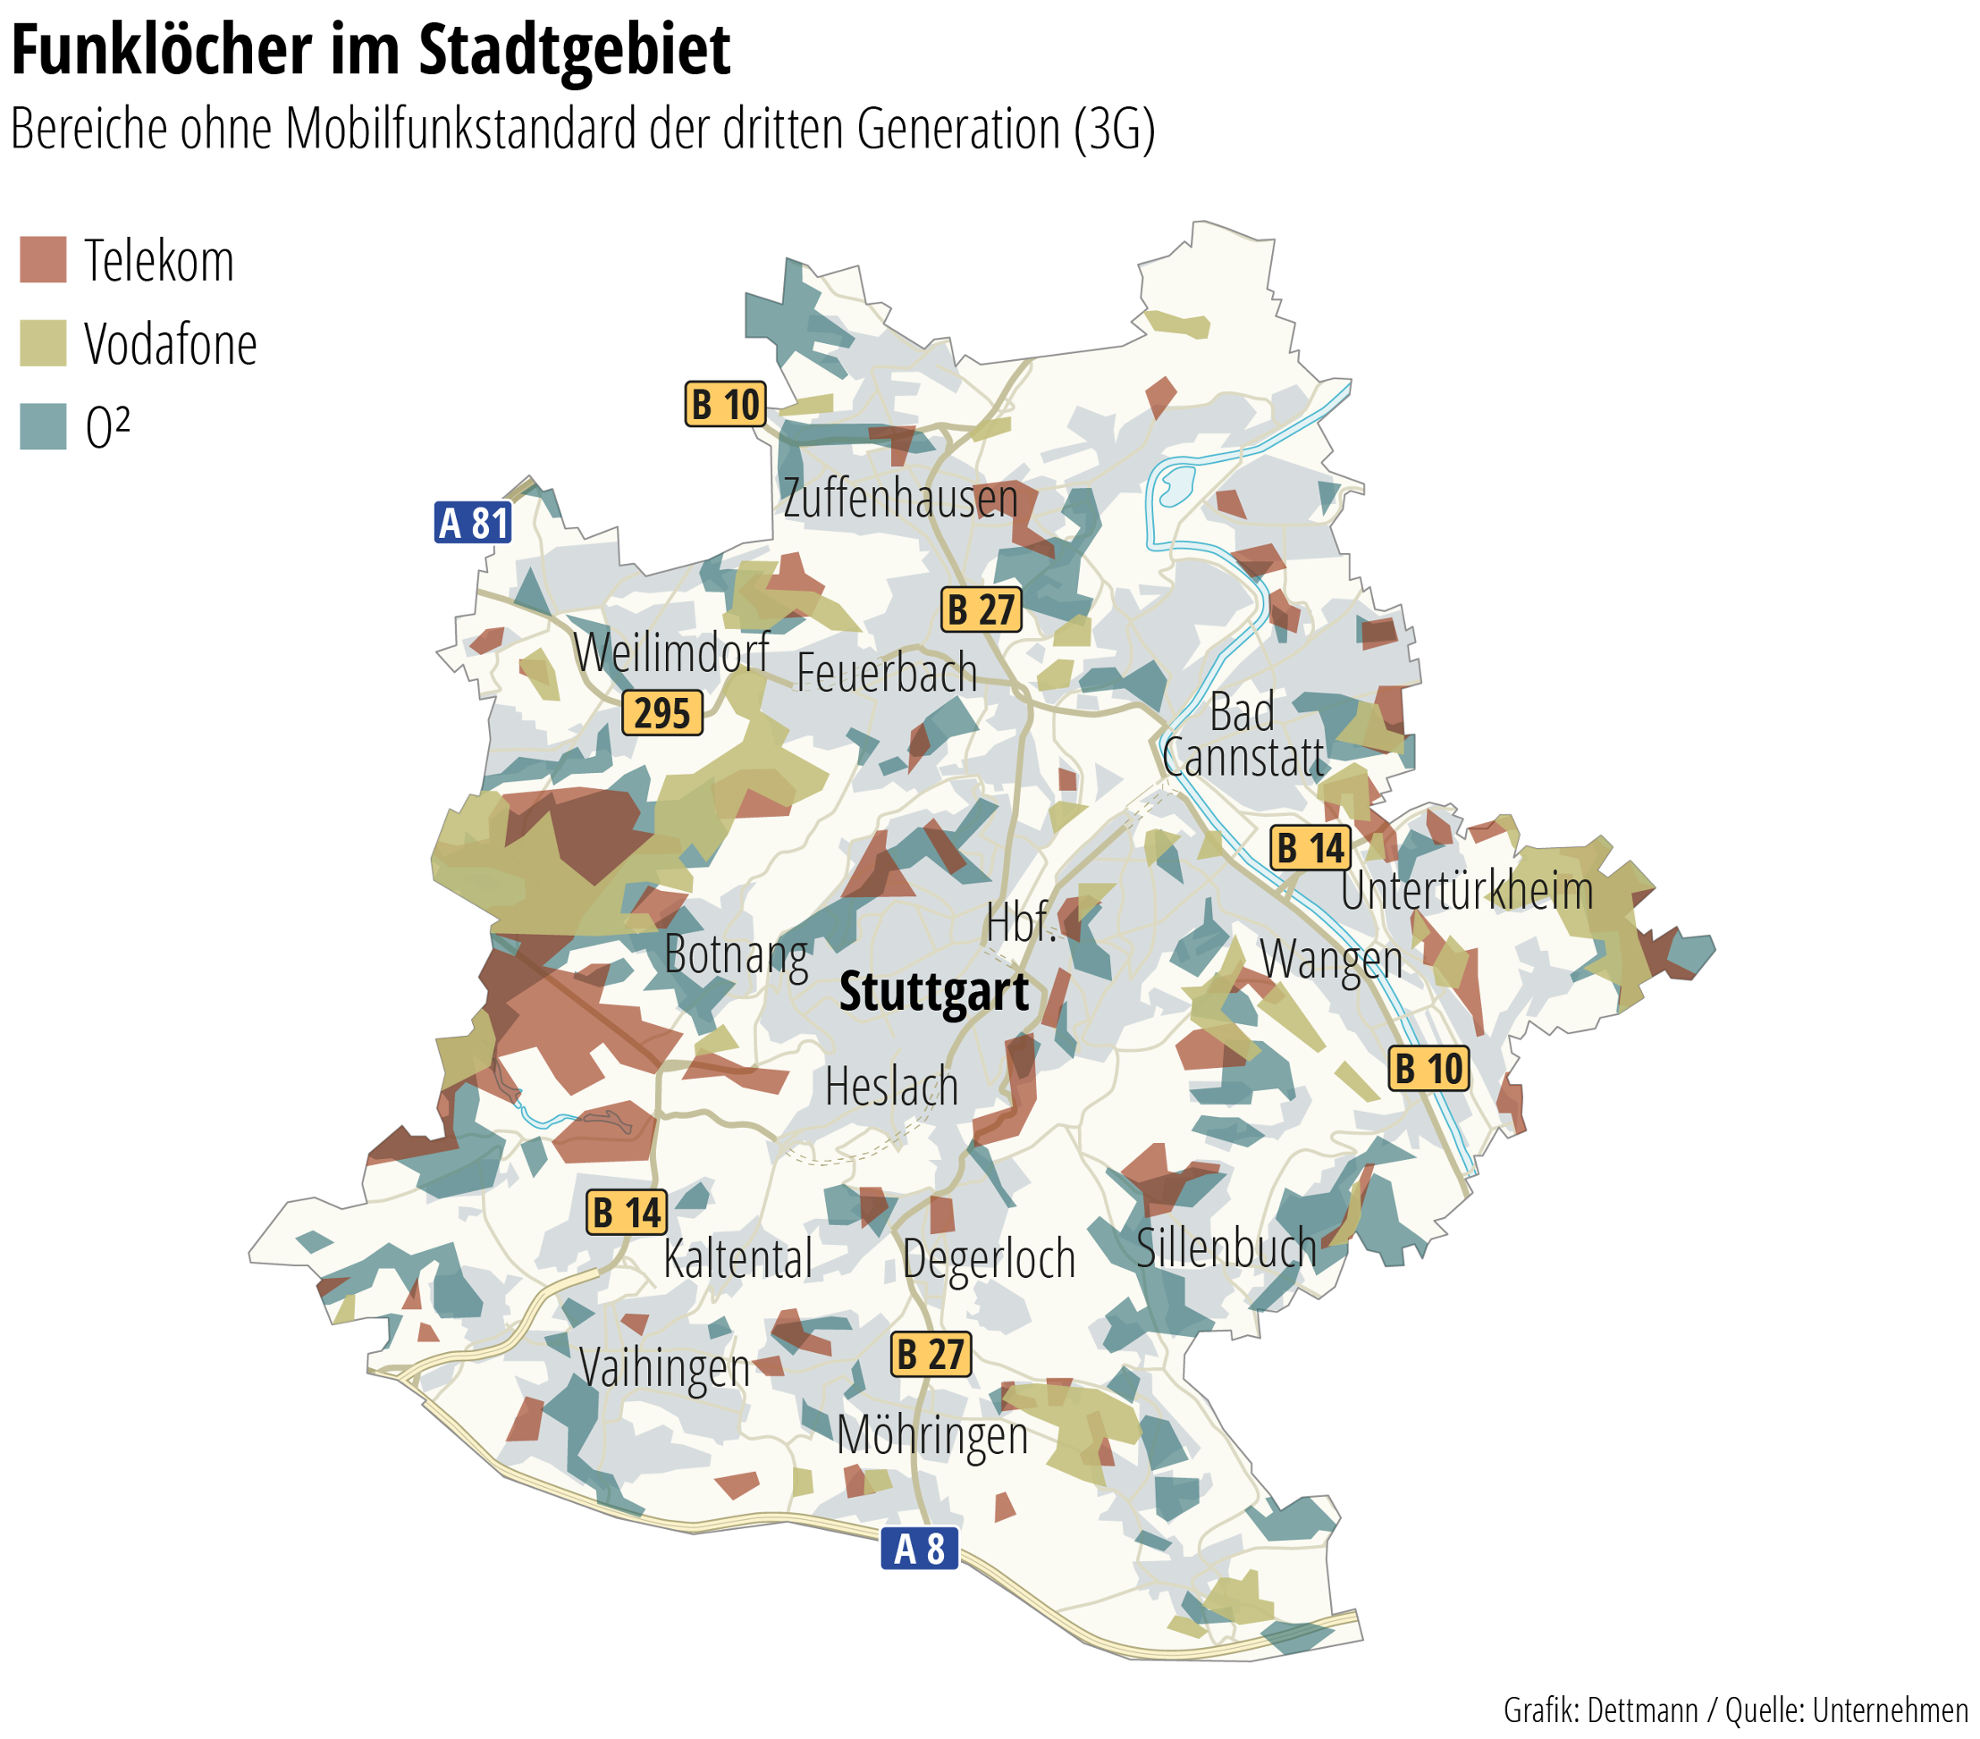 Lte Masten Karte.Probleme Mit Mobilfunknetz Stuttgart Stadt Der Vielen